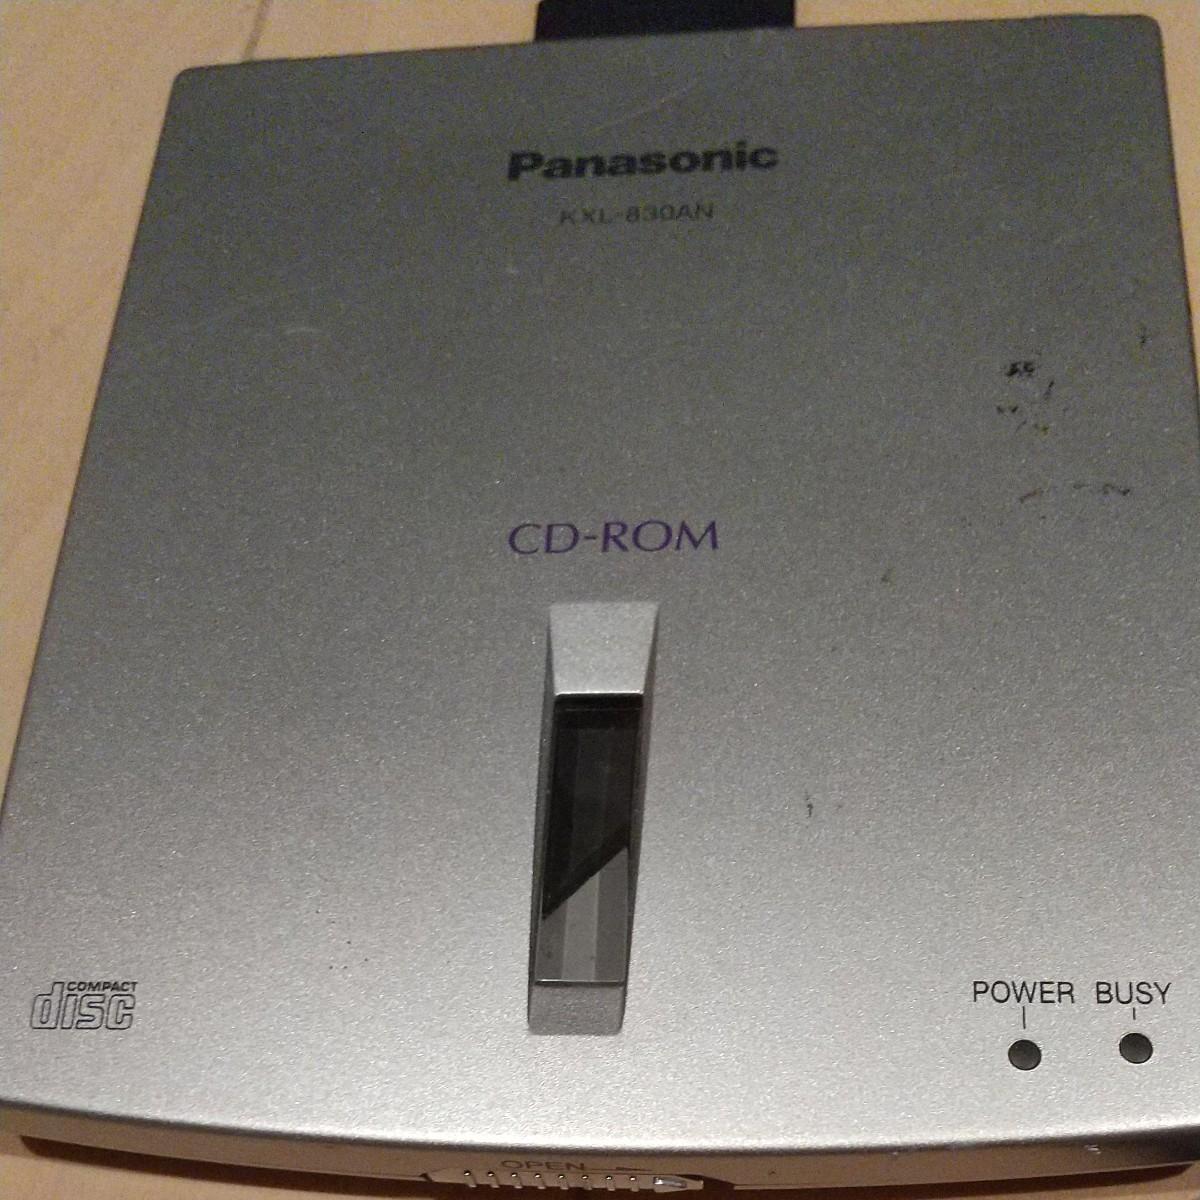 Panasonic ポータブルCD-ROMドライブ